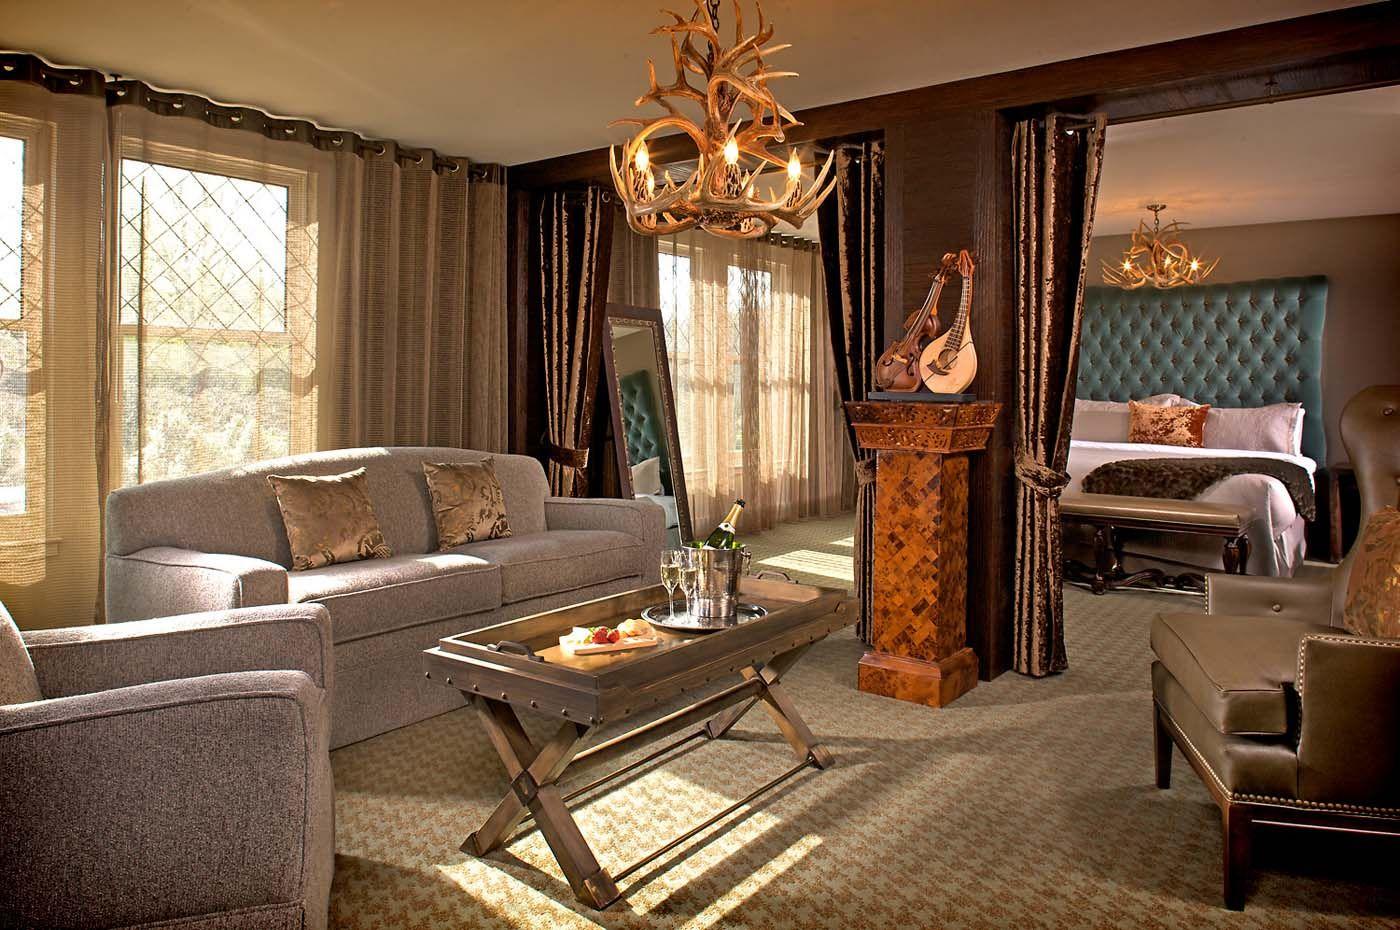 Grand Bohemian Hotel Interiors Grand Bohemian Hotel